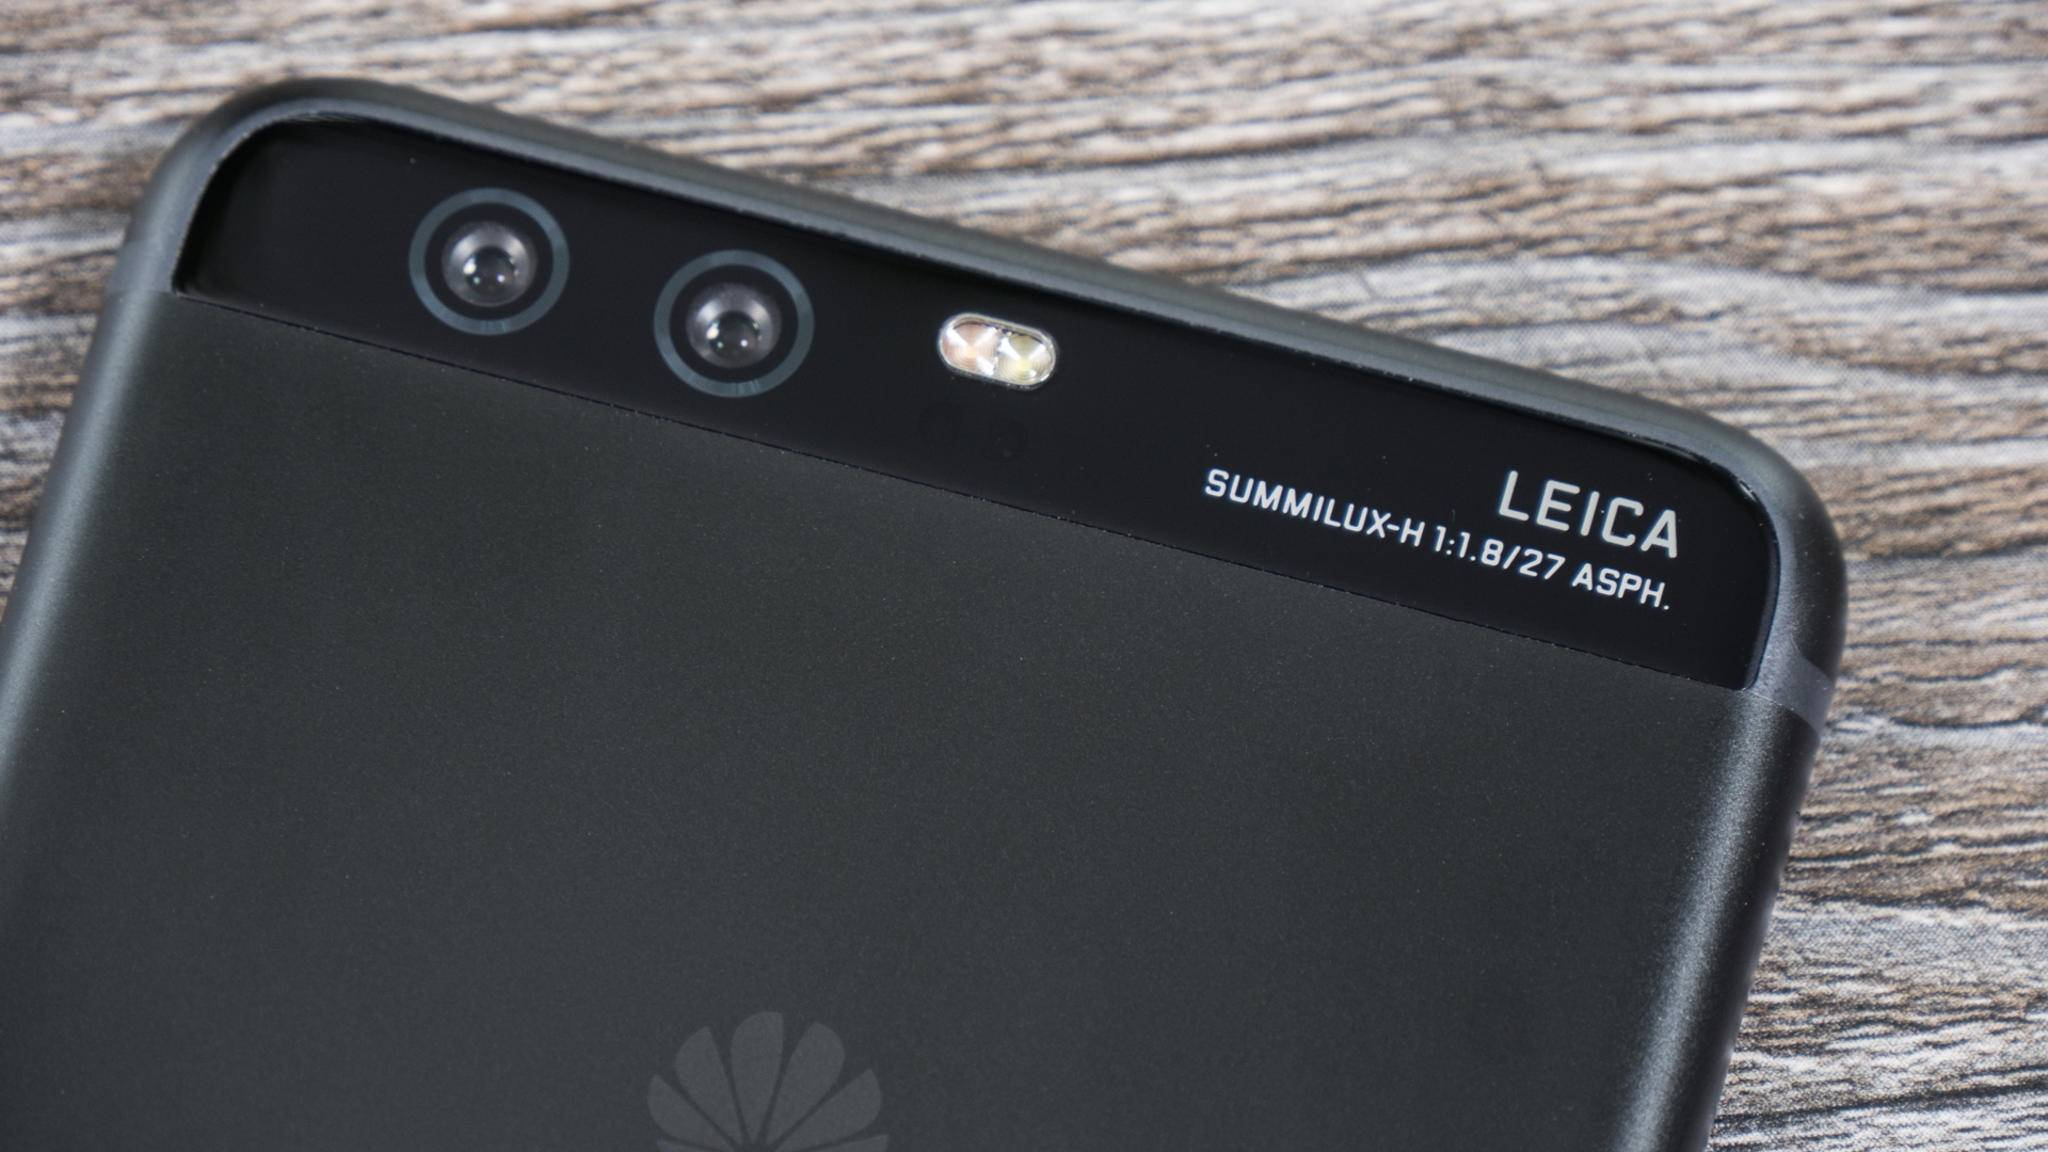 Das Huawei P10 hat eine Dual-Kamera auf der Rückseite.